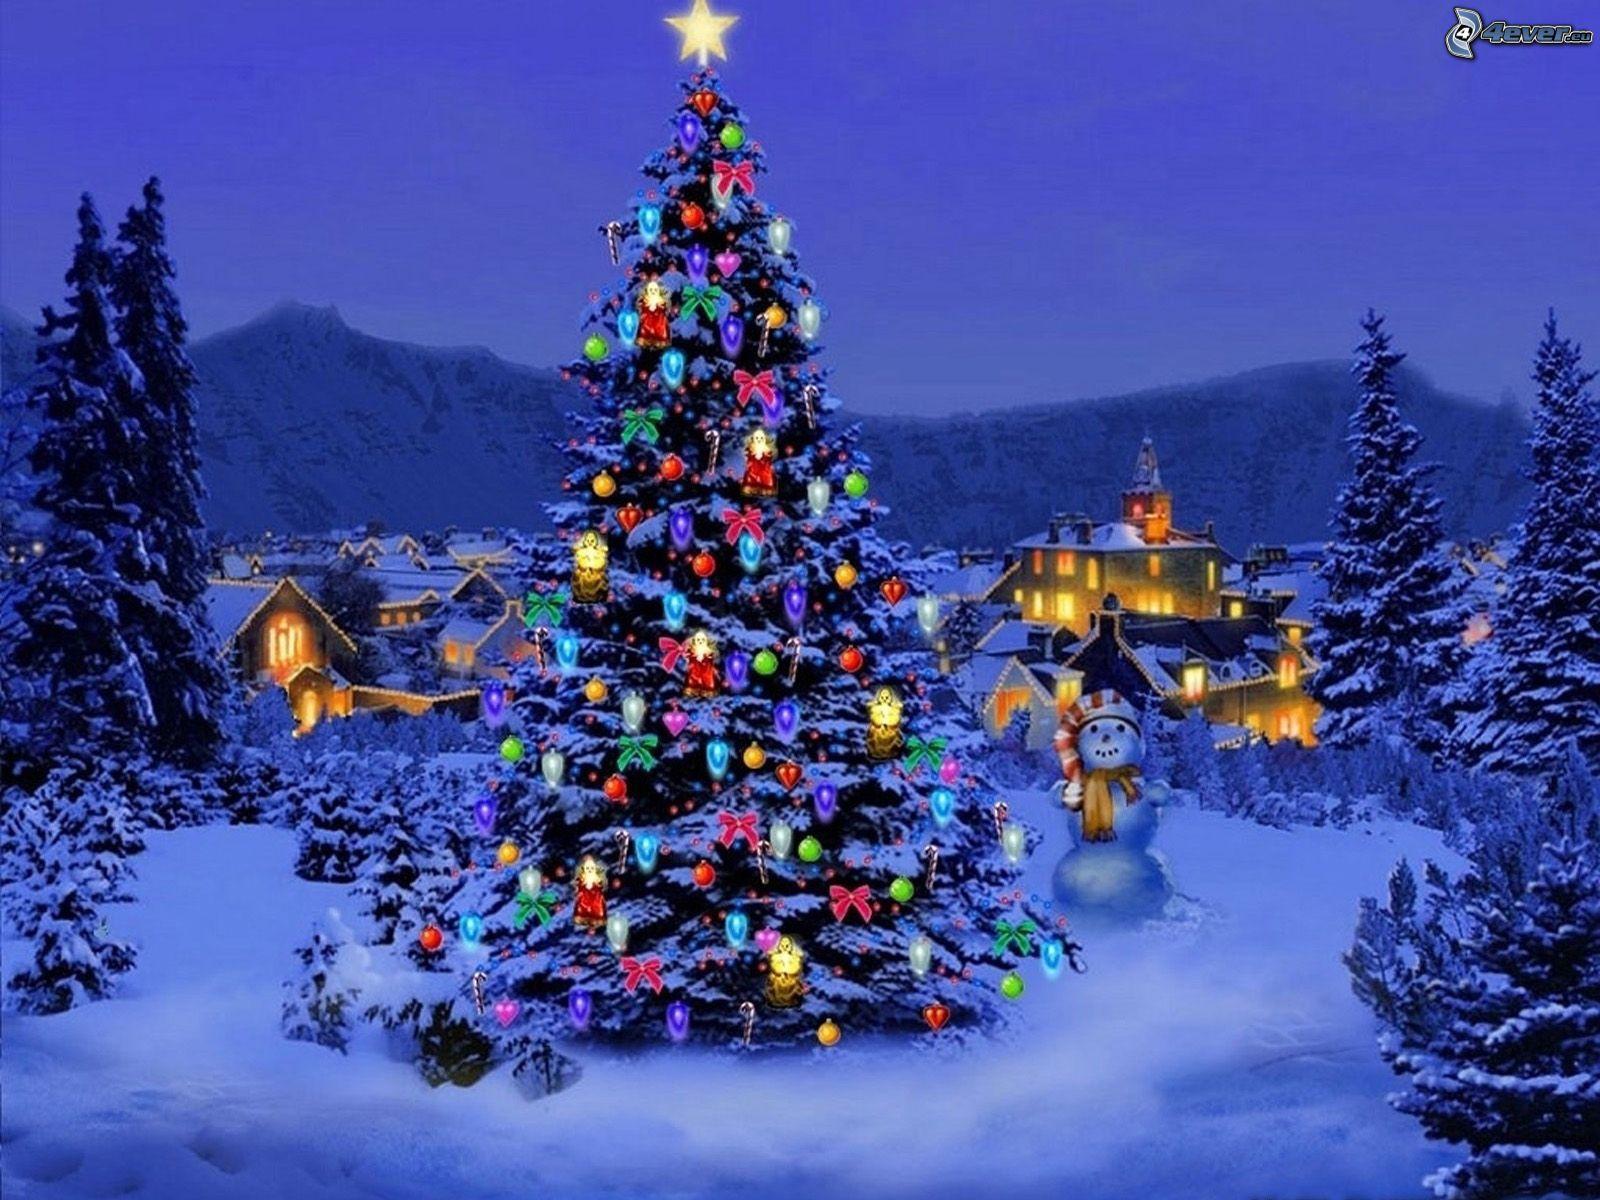 Albero Di Natale Hd.Albero Di Natale